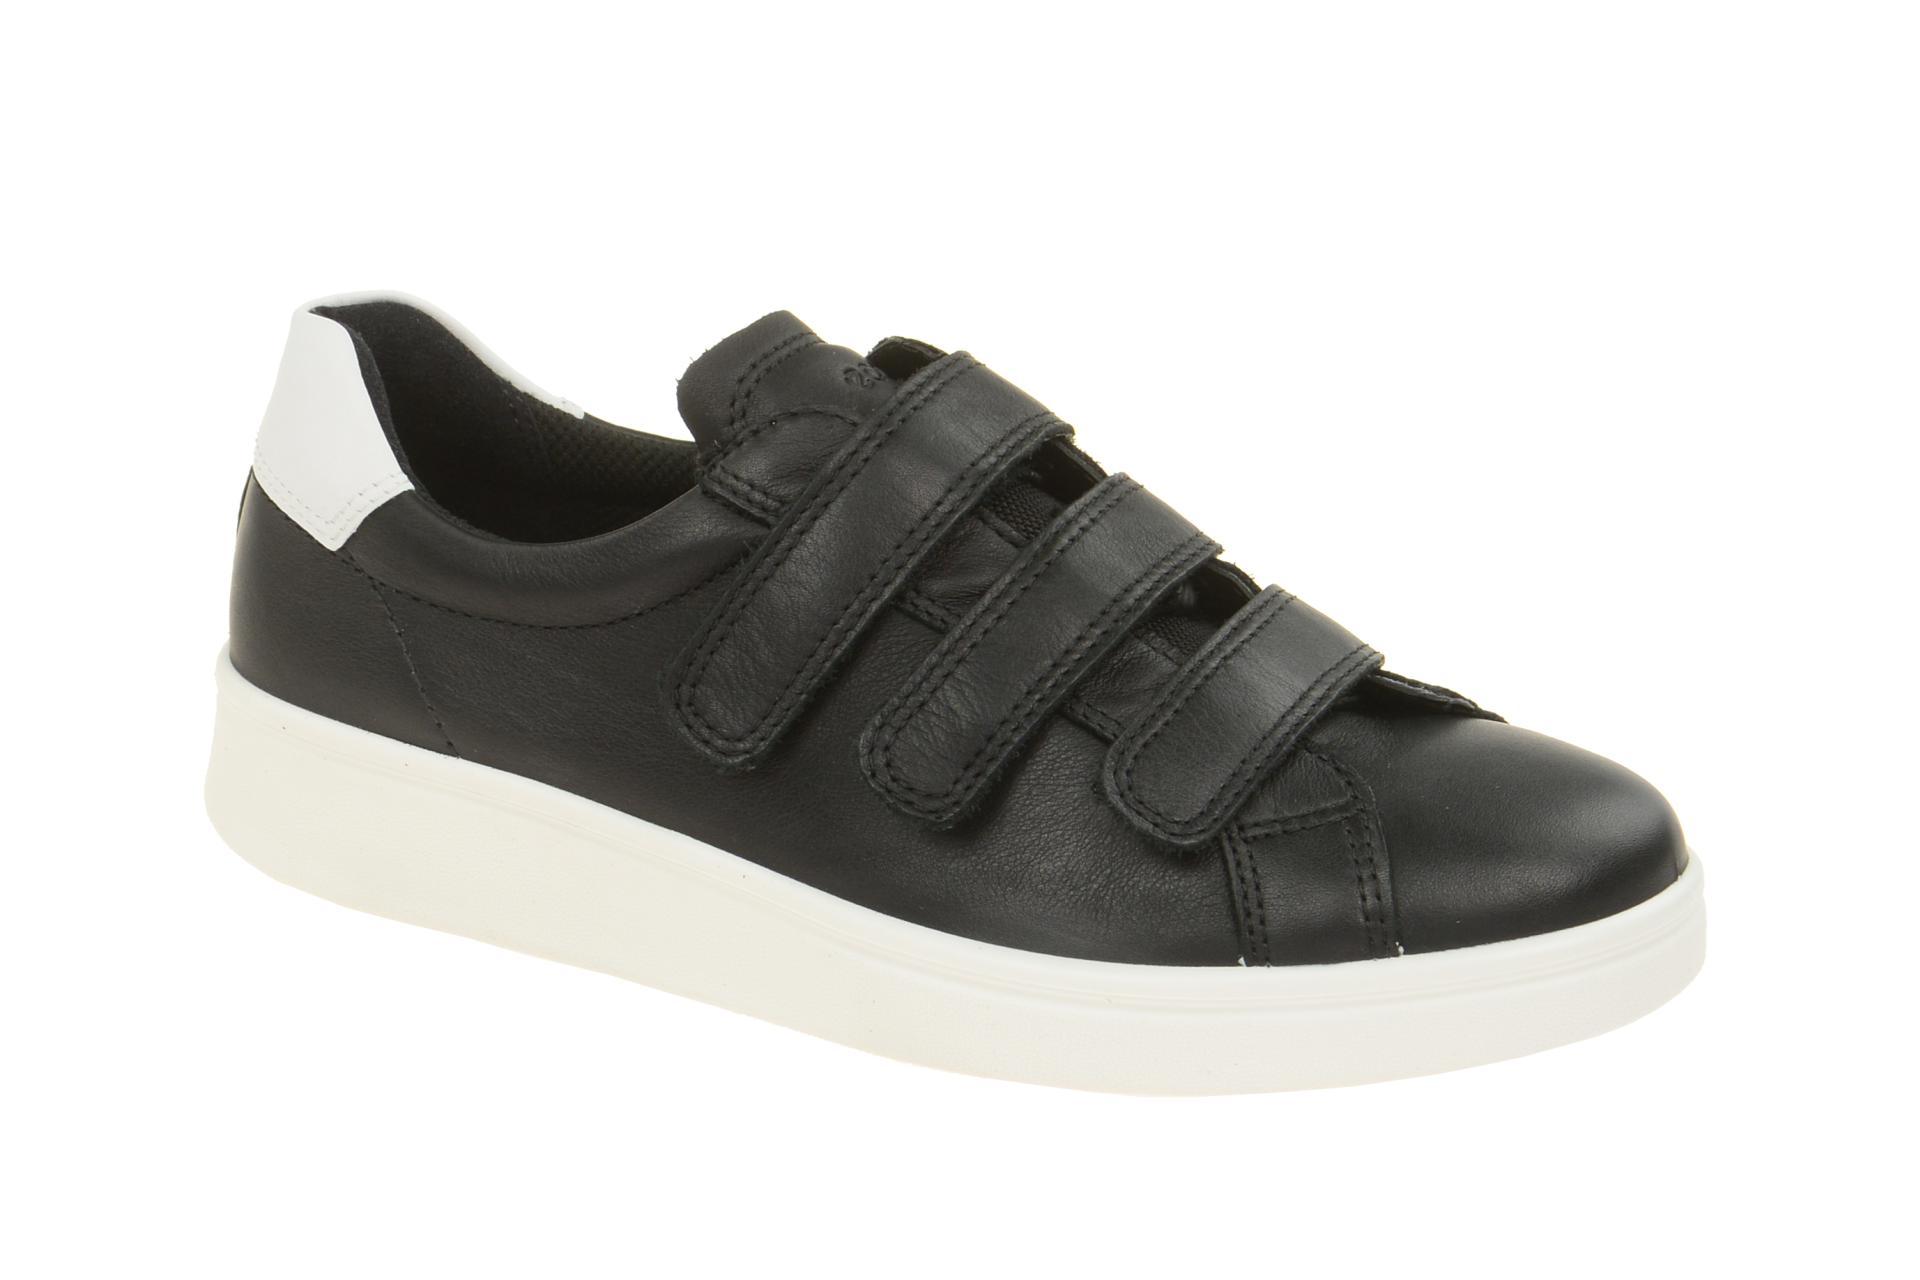 Adidas Schuhe Damen Klettverschluss